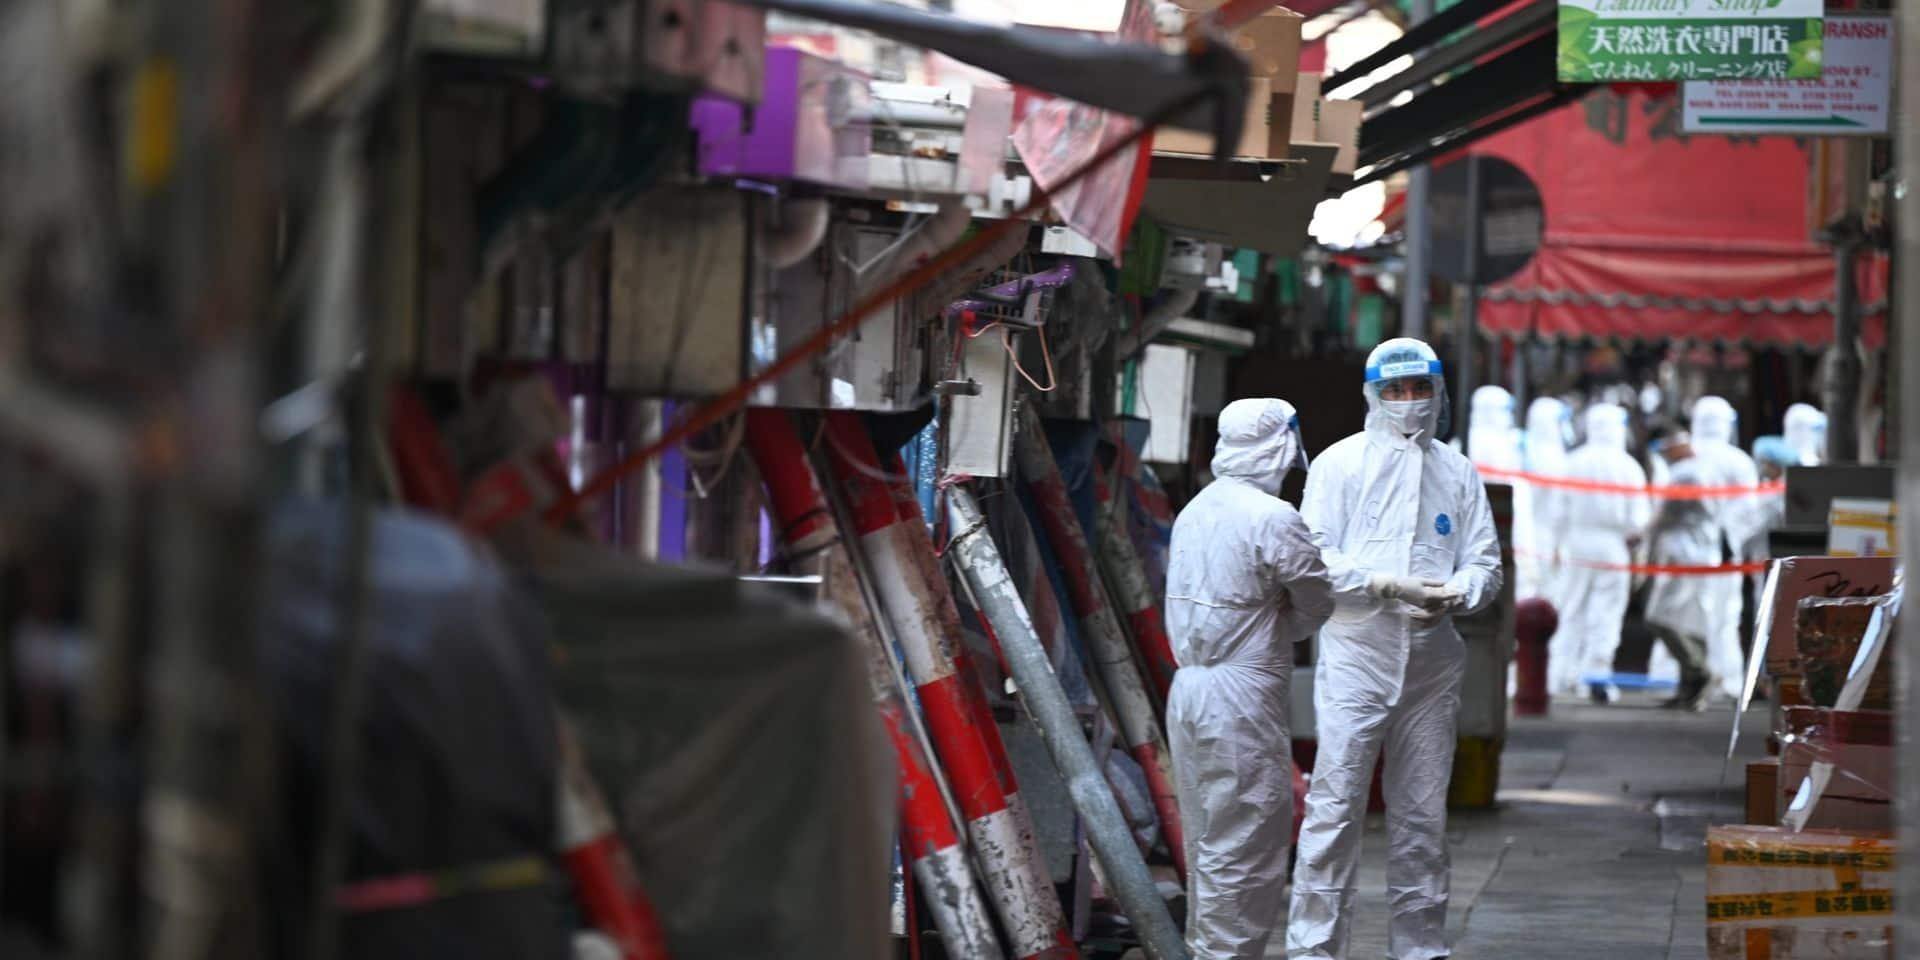 Coronavirus dans le monde: Hong Kong confine un quartier, semi-confinement décrété à Oslo après un foyer du variant anglais